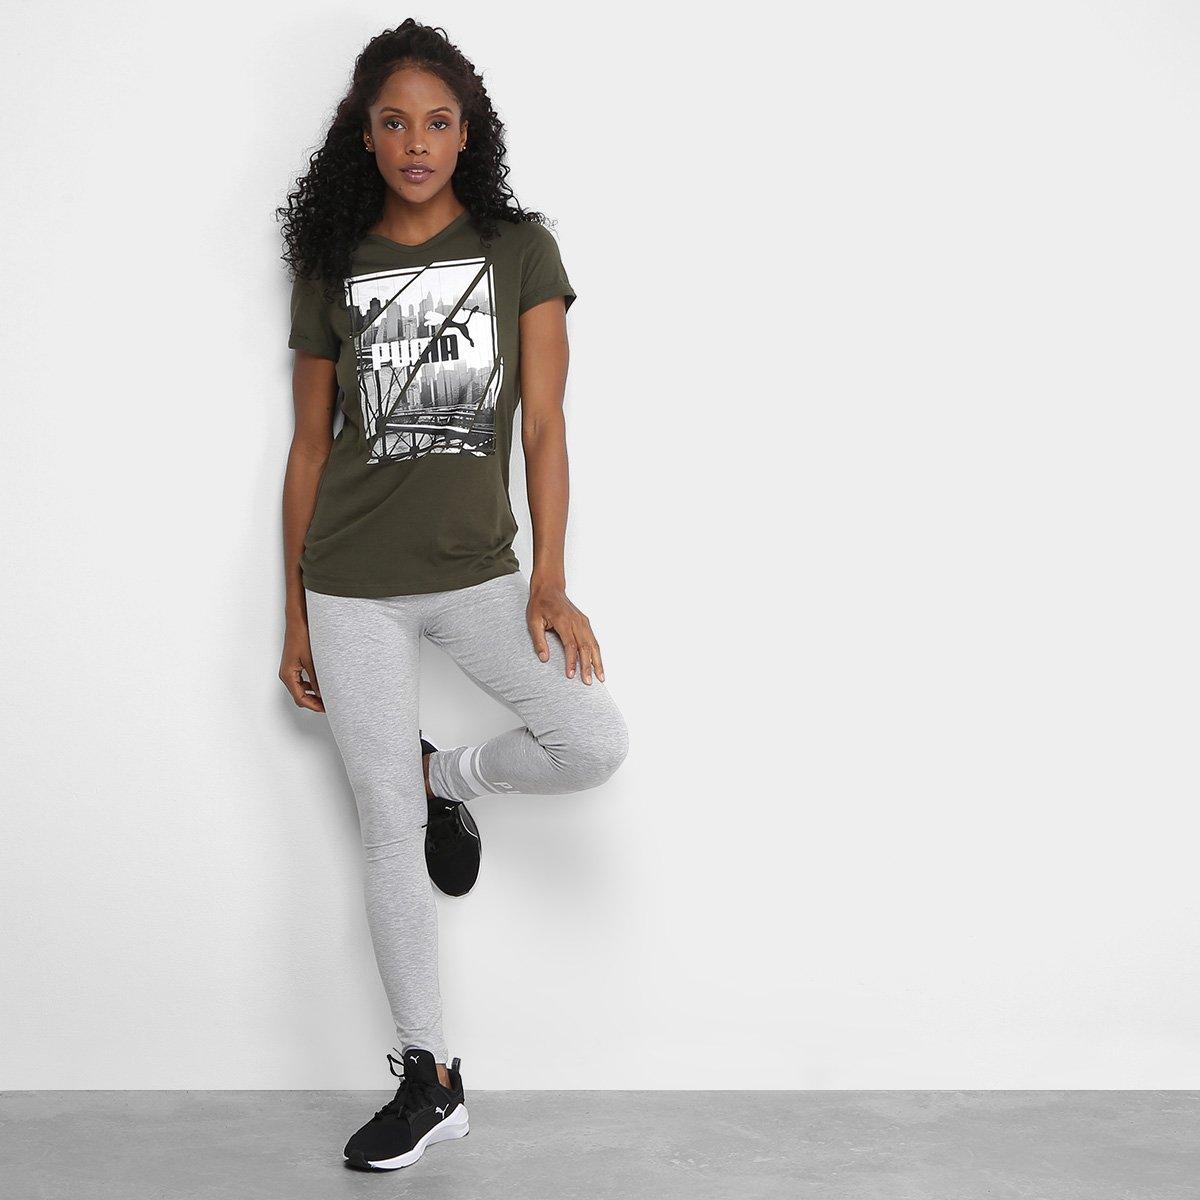 Camiseta Verde Photoprint Feminina Puma Camiseta Puma xqdX7qPR